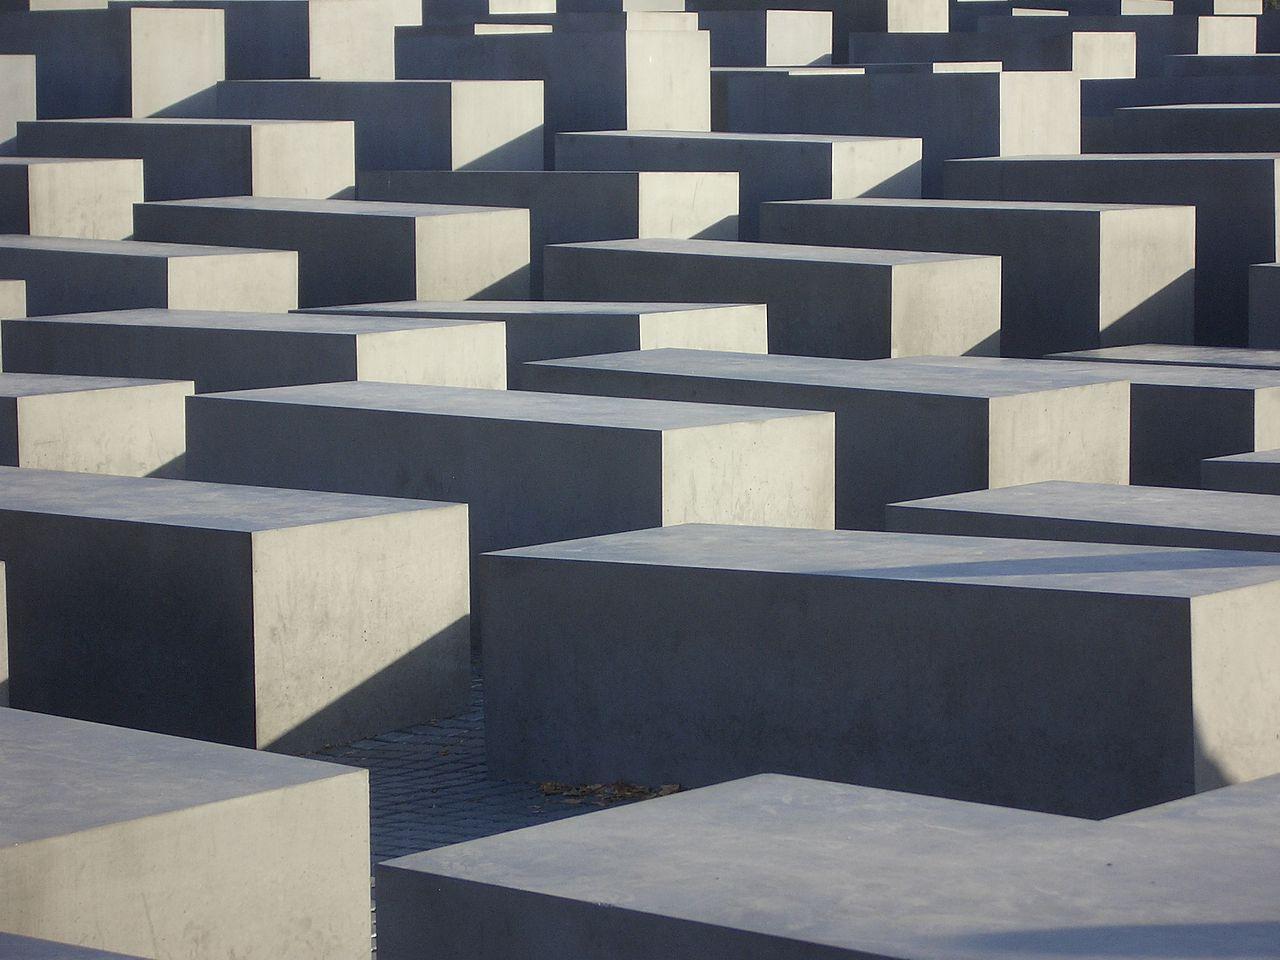 Cosa vedere a Berlino - Memoriale per gli ebrei assassinati d'Europa